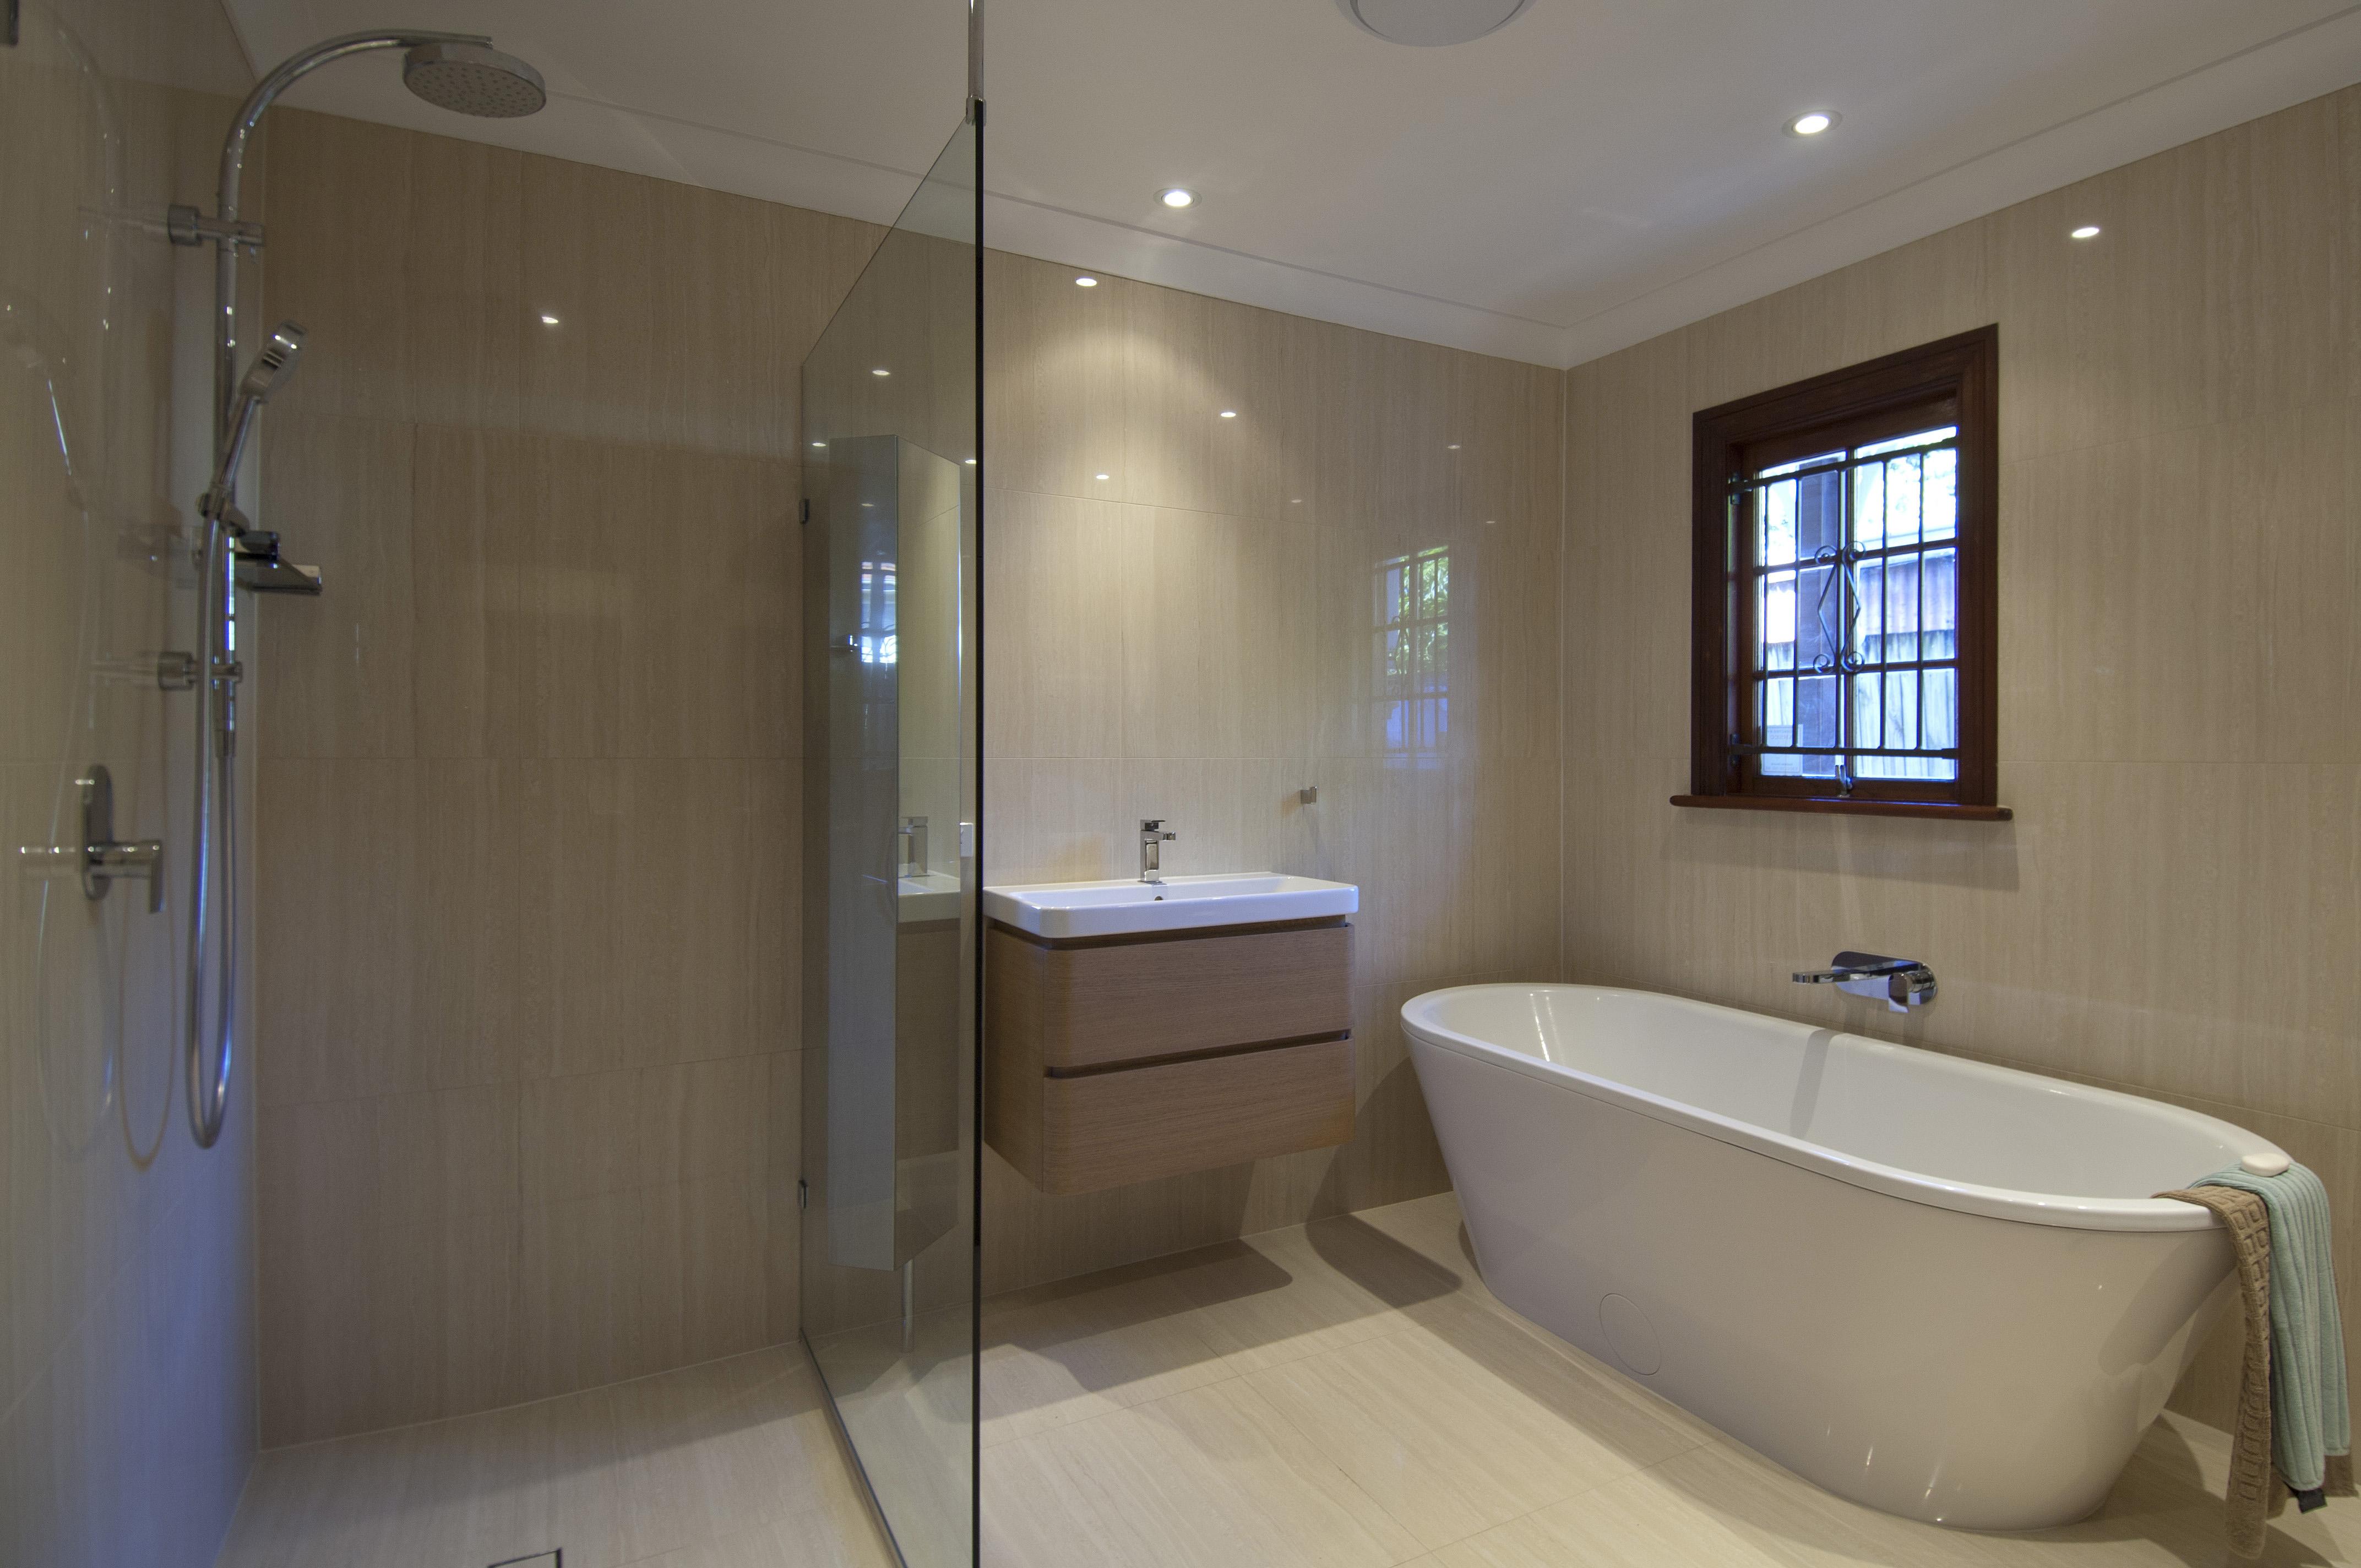 Bathroom Renovations Qld brisbane bathroom renovations client testimonials